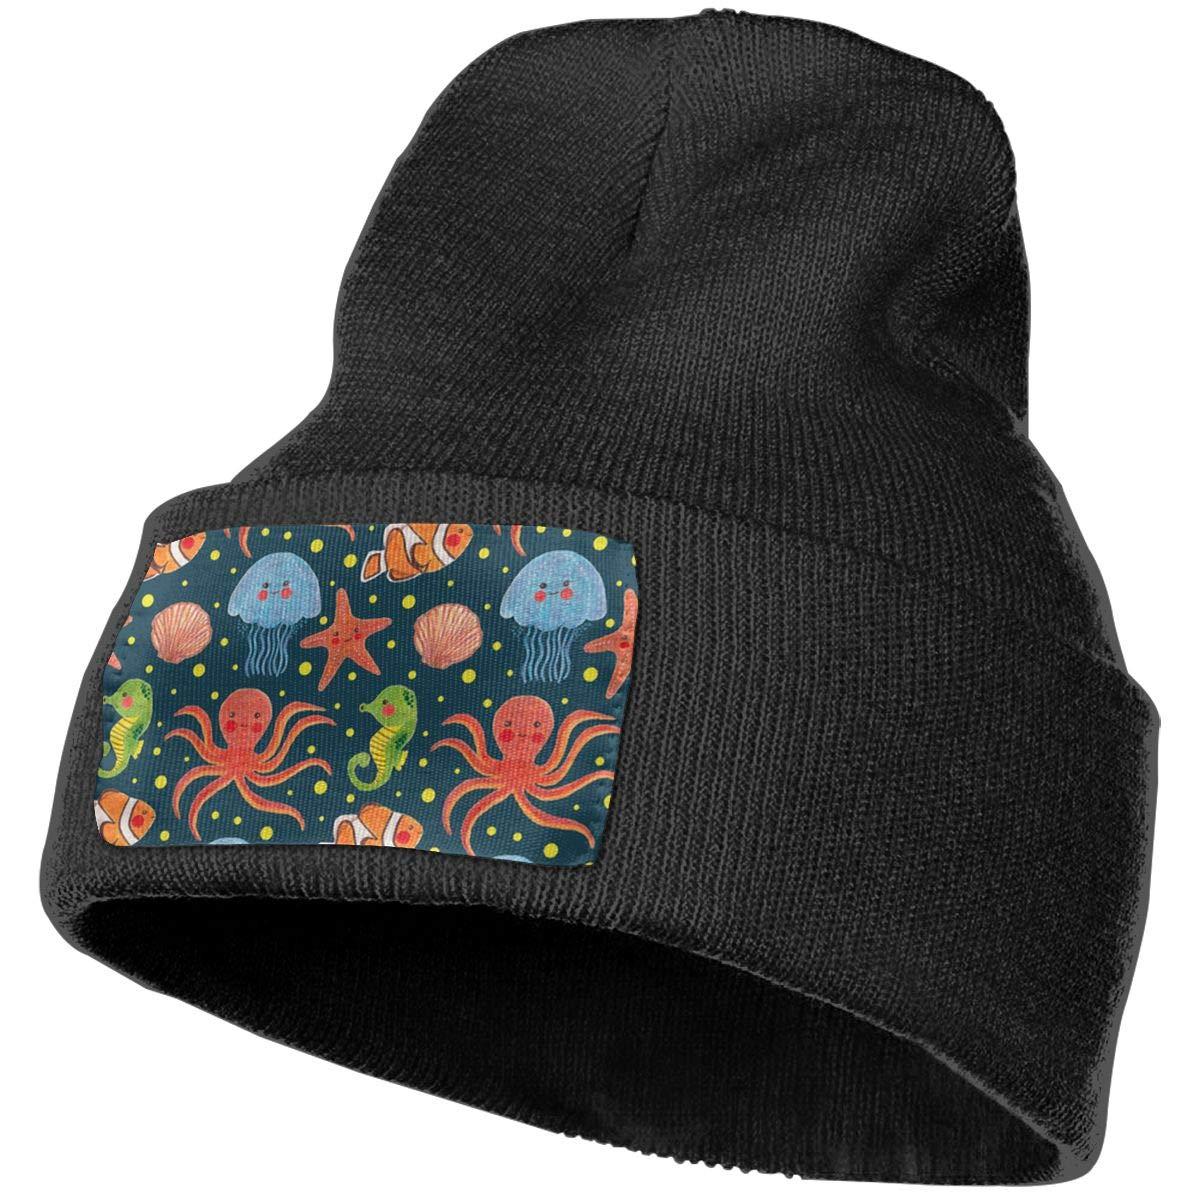 Field Rain Jellyfish Unisex 100/% Acrylic Knit Hat Cap Rider Soft Beanie Hat Woolen Hat